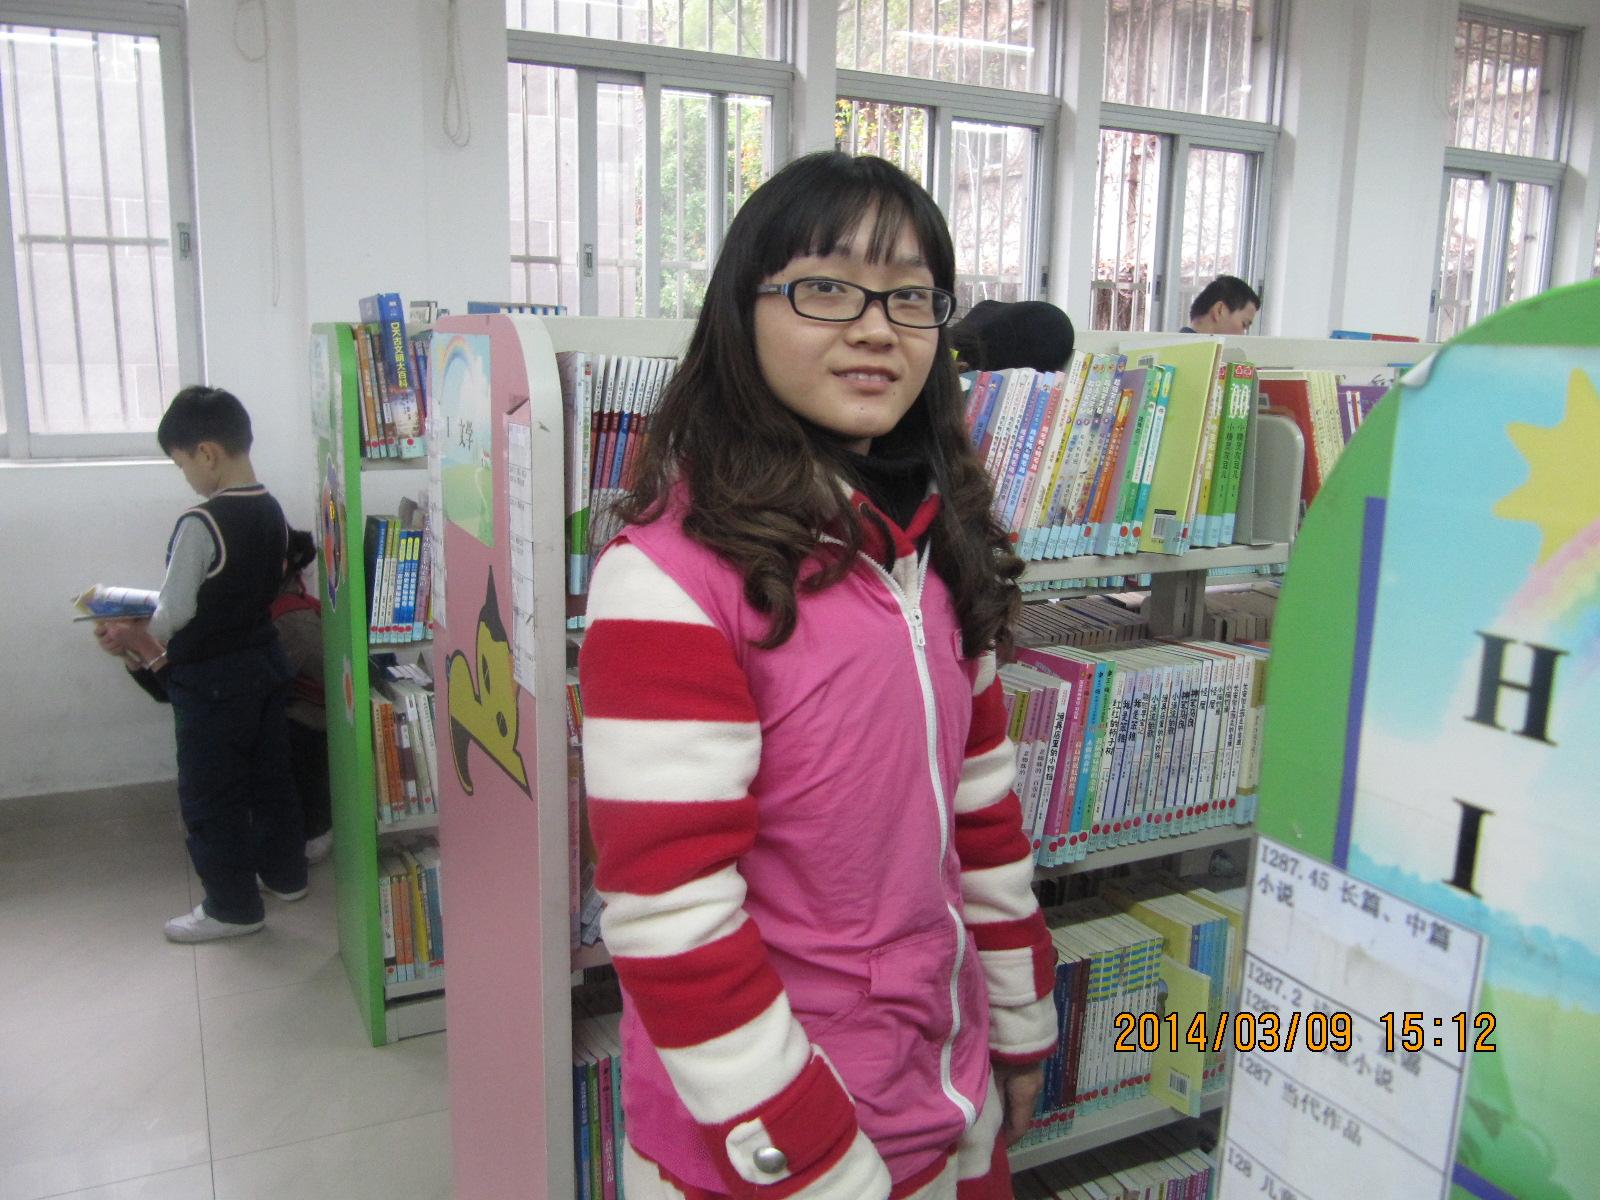 香洲义工网-3月08,09日(周末)少儿图书馆义工活动第